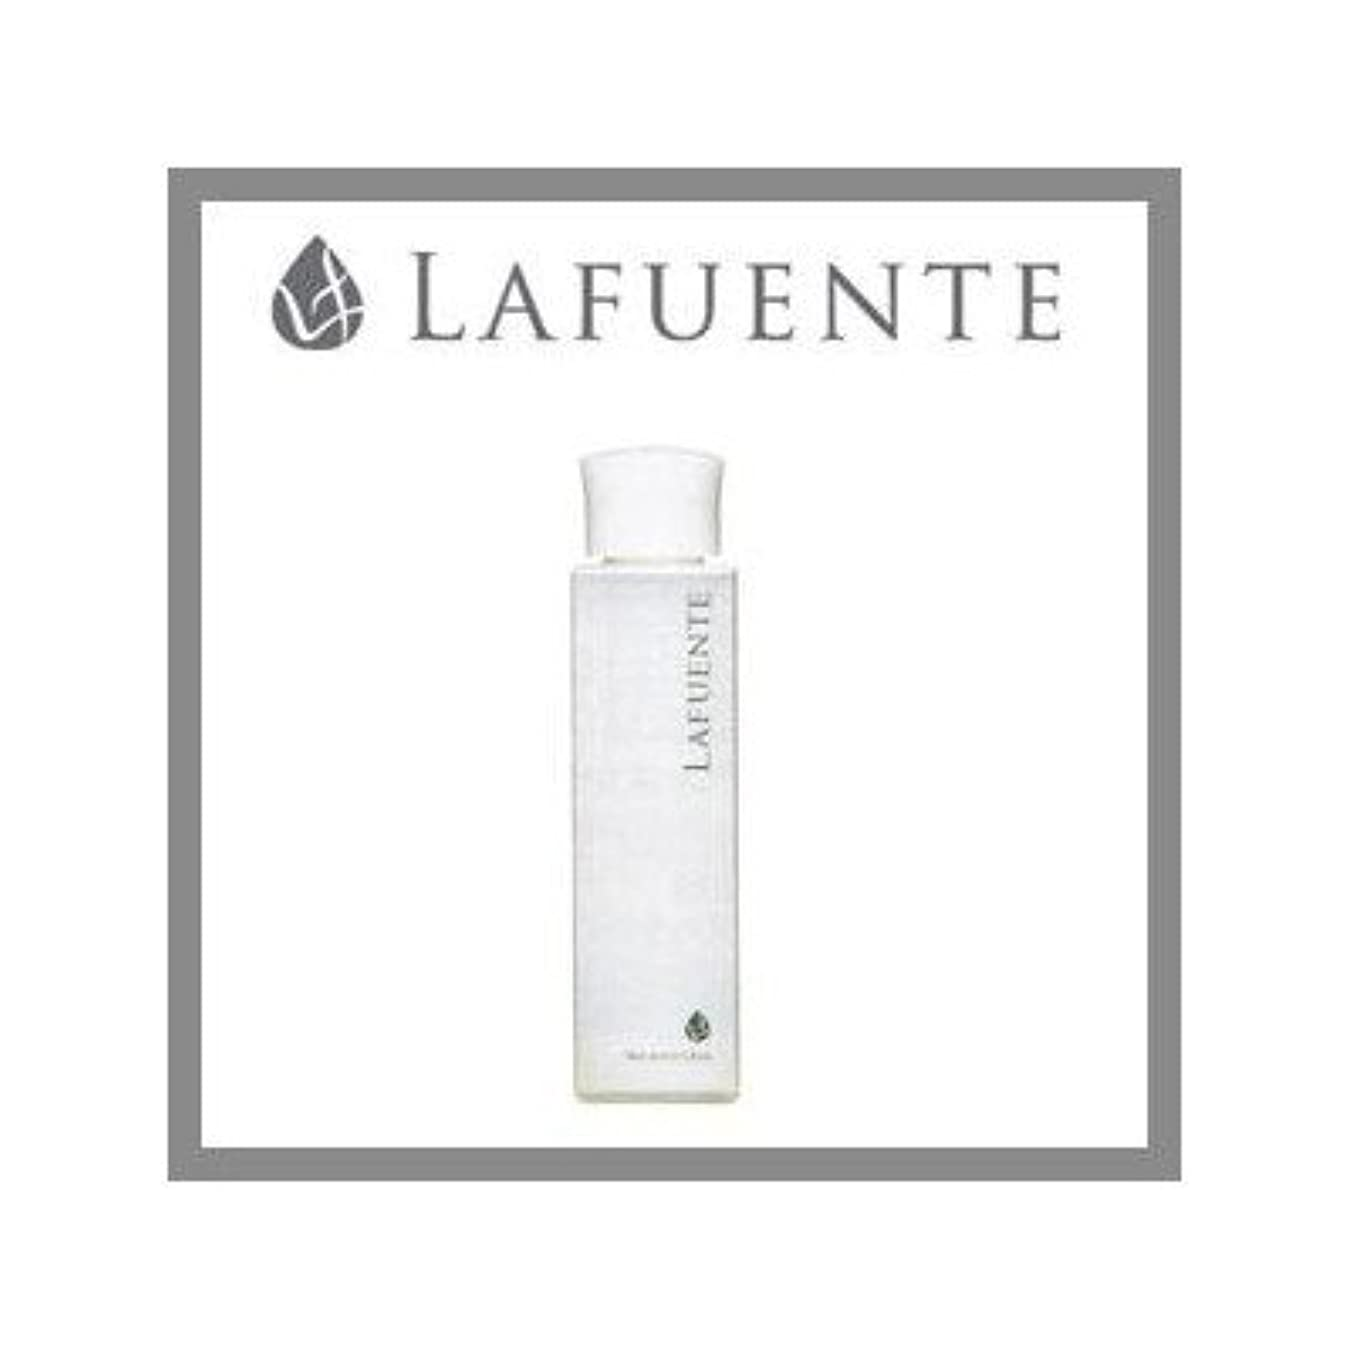 幹注目すべき恥ずかしい化粧水 スキンセラムローション ラファンテ LAFUENTE 150ml t0925148